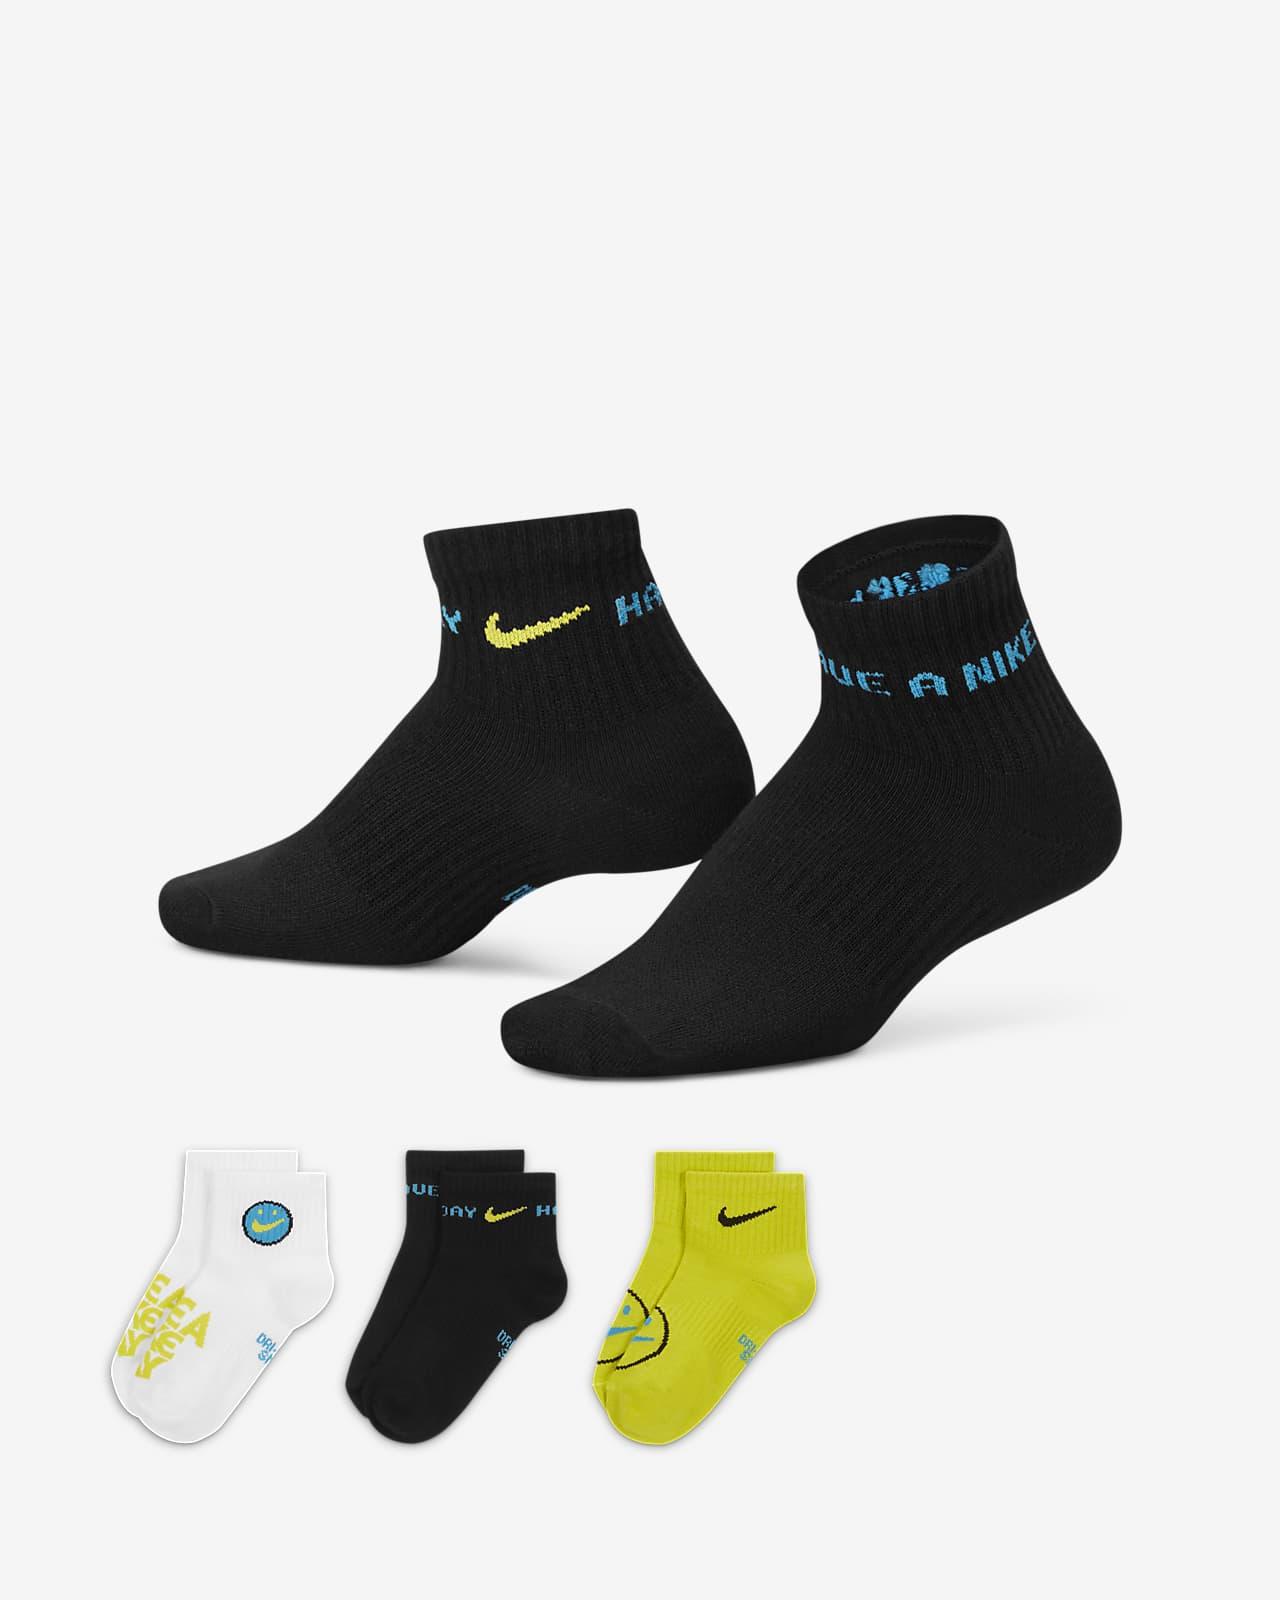 Nike Everyday leichte Knöchelsocken für Kinder (3 Paar)